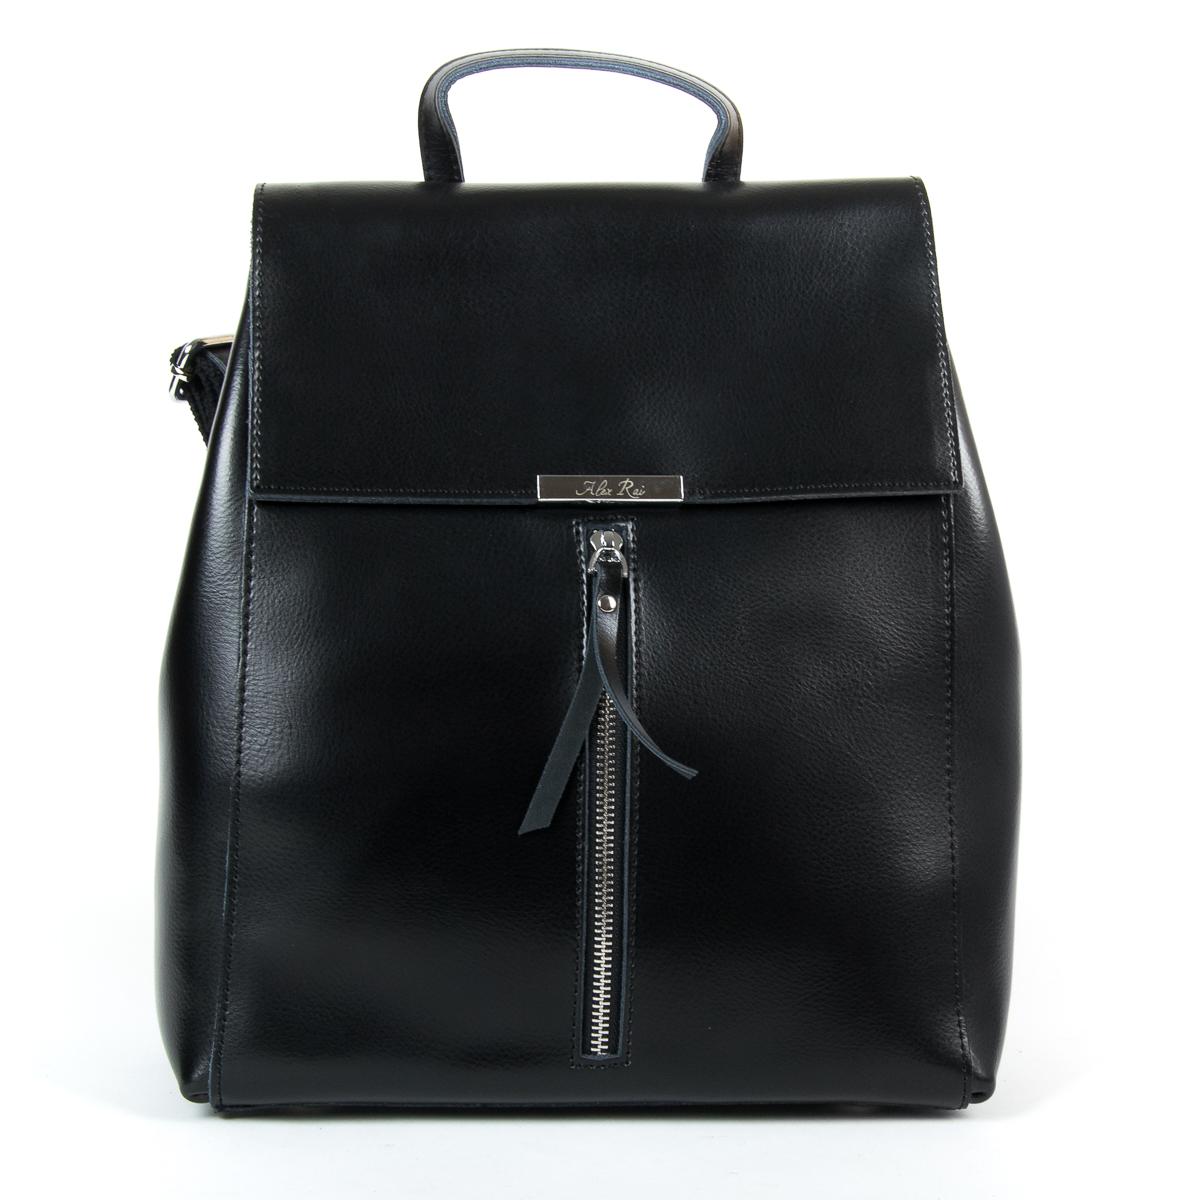 Сумка Женская Рюкзак кожа ALEX RAI 9-01 373 black